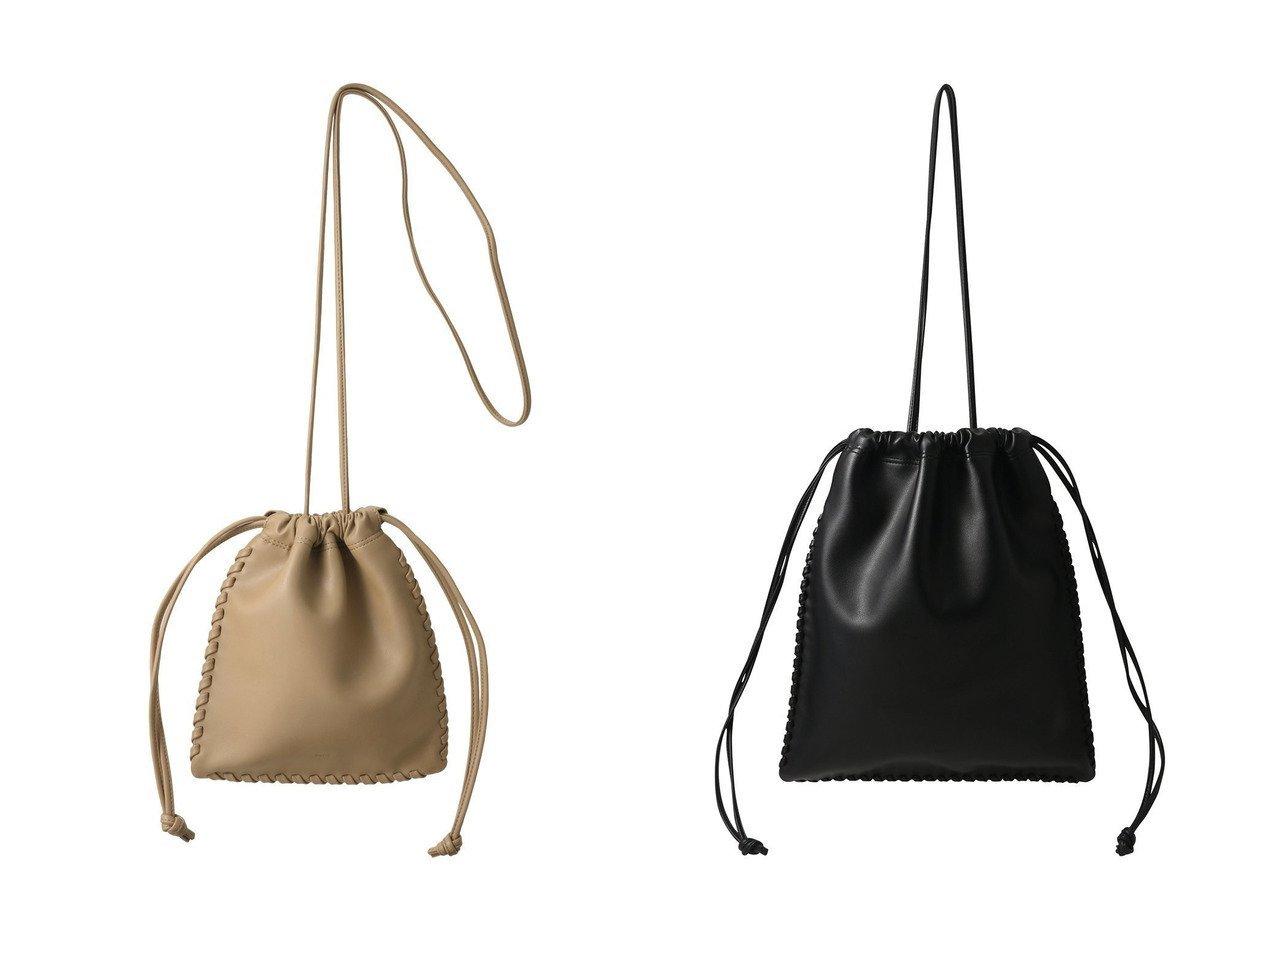 【VASIC/ヴァジック】のWells Mini Mini 2way巾着ショルダーバッグ&Wells 2way巾着トートバッグ バッグ・鞄のおすすめ!人気トレンド・レディースファッションの通販 おすすめで人気のファッション通販商品 インテリア・家具・キッズファッション・メンズファッション・レディースファッション・服の通販 founy(ファニー) https://founy.com/ ファッション Fashion レディース WOMEN バッグ Bag ショルダー ハンド ポシェット ロング 人気 巾着  ID:crp329100000006089